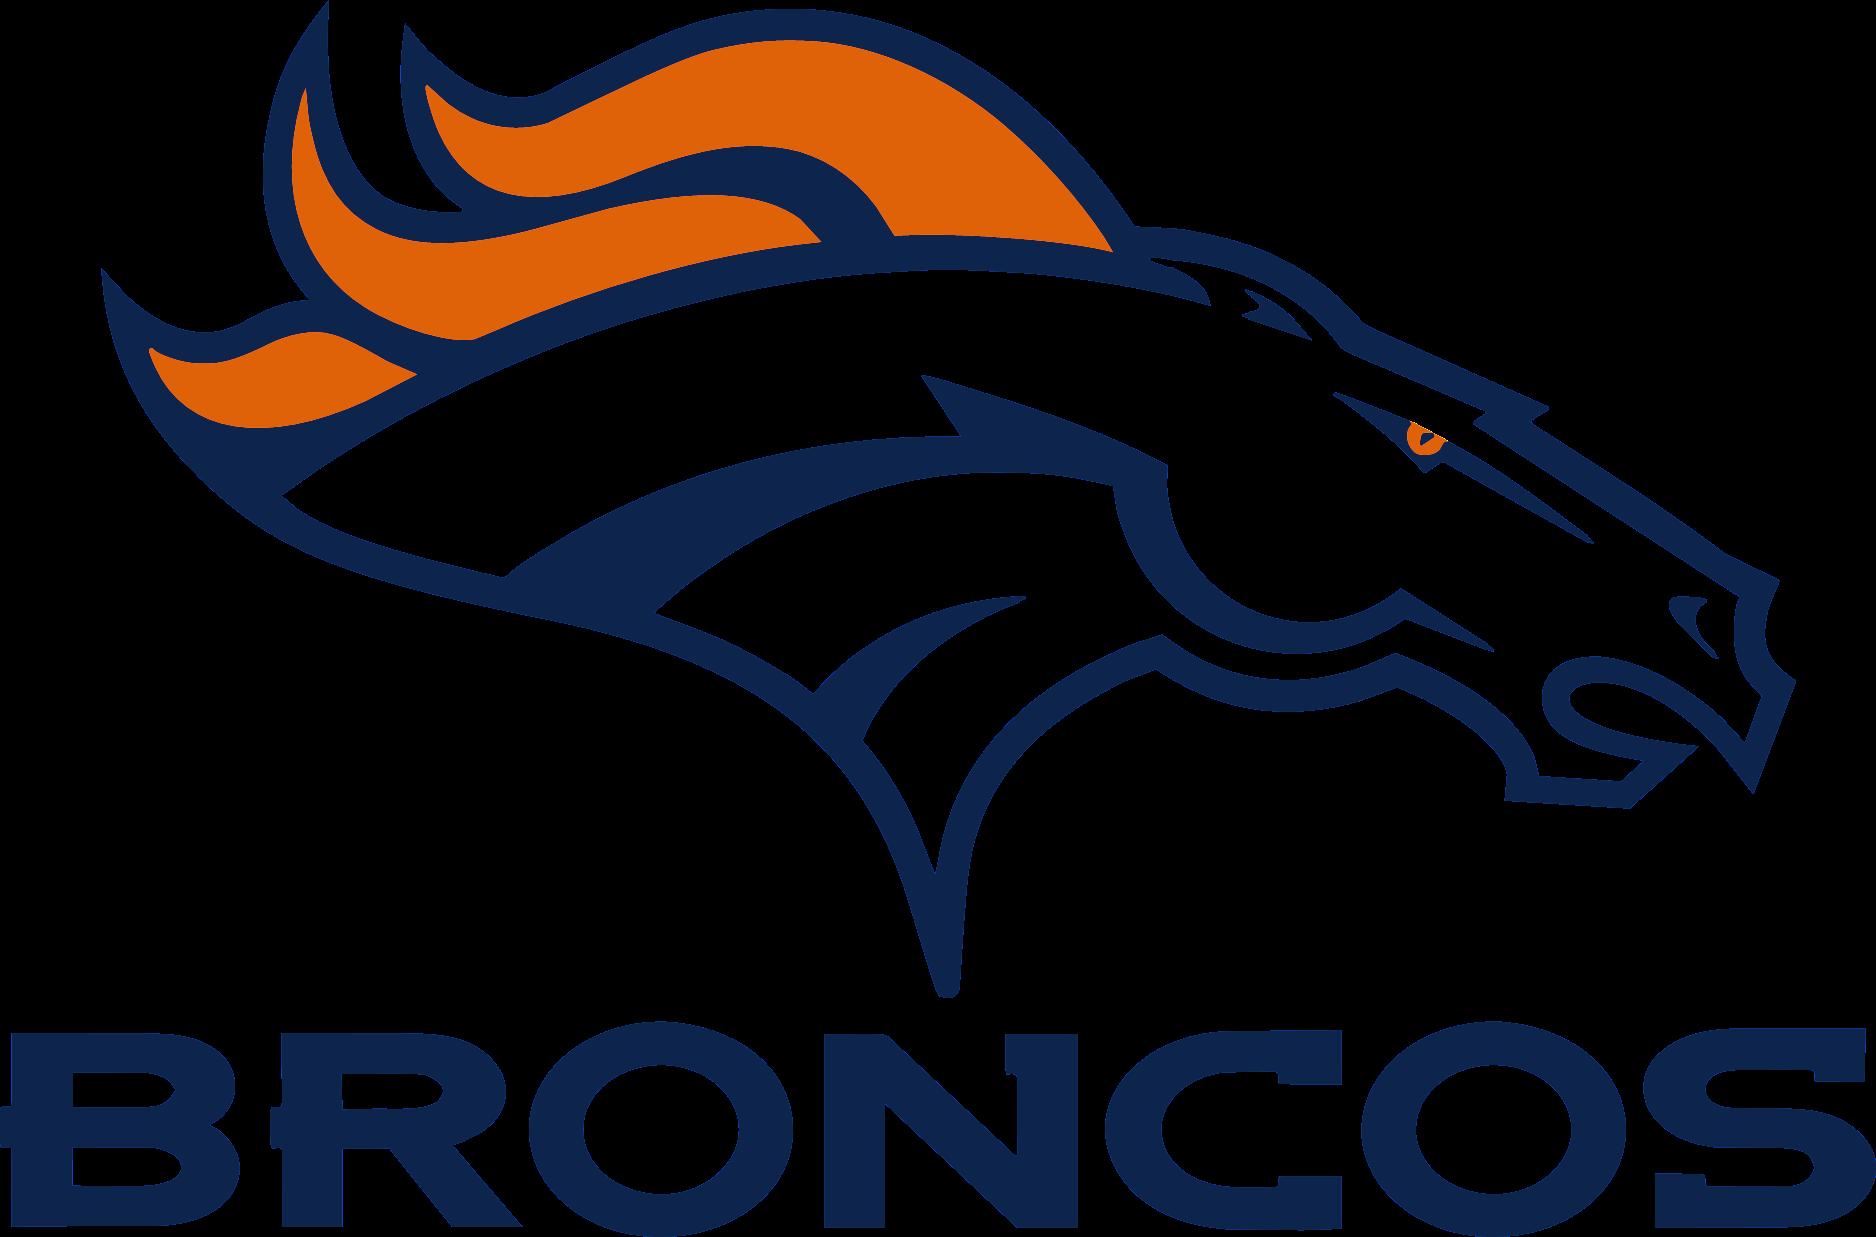 Denver Broncos Png Pic - Denver Broncos, Transparent background PNG HD thumbnail